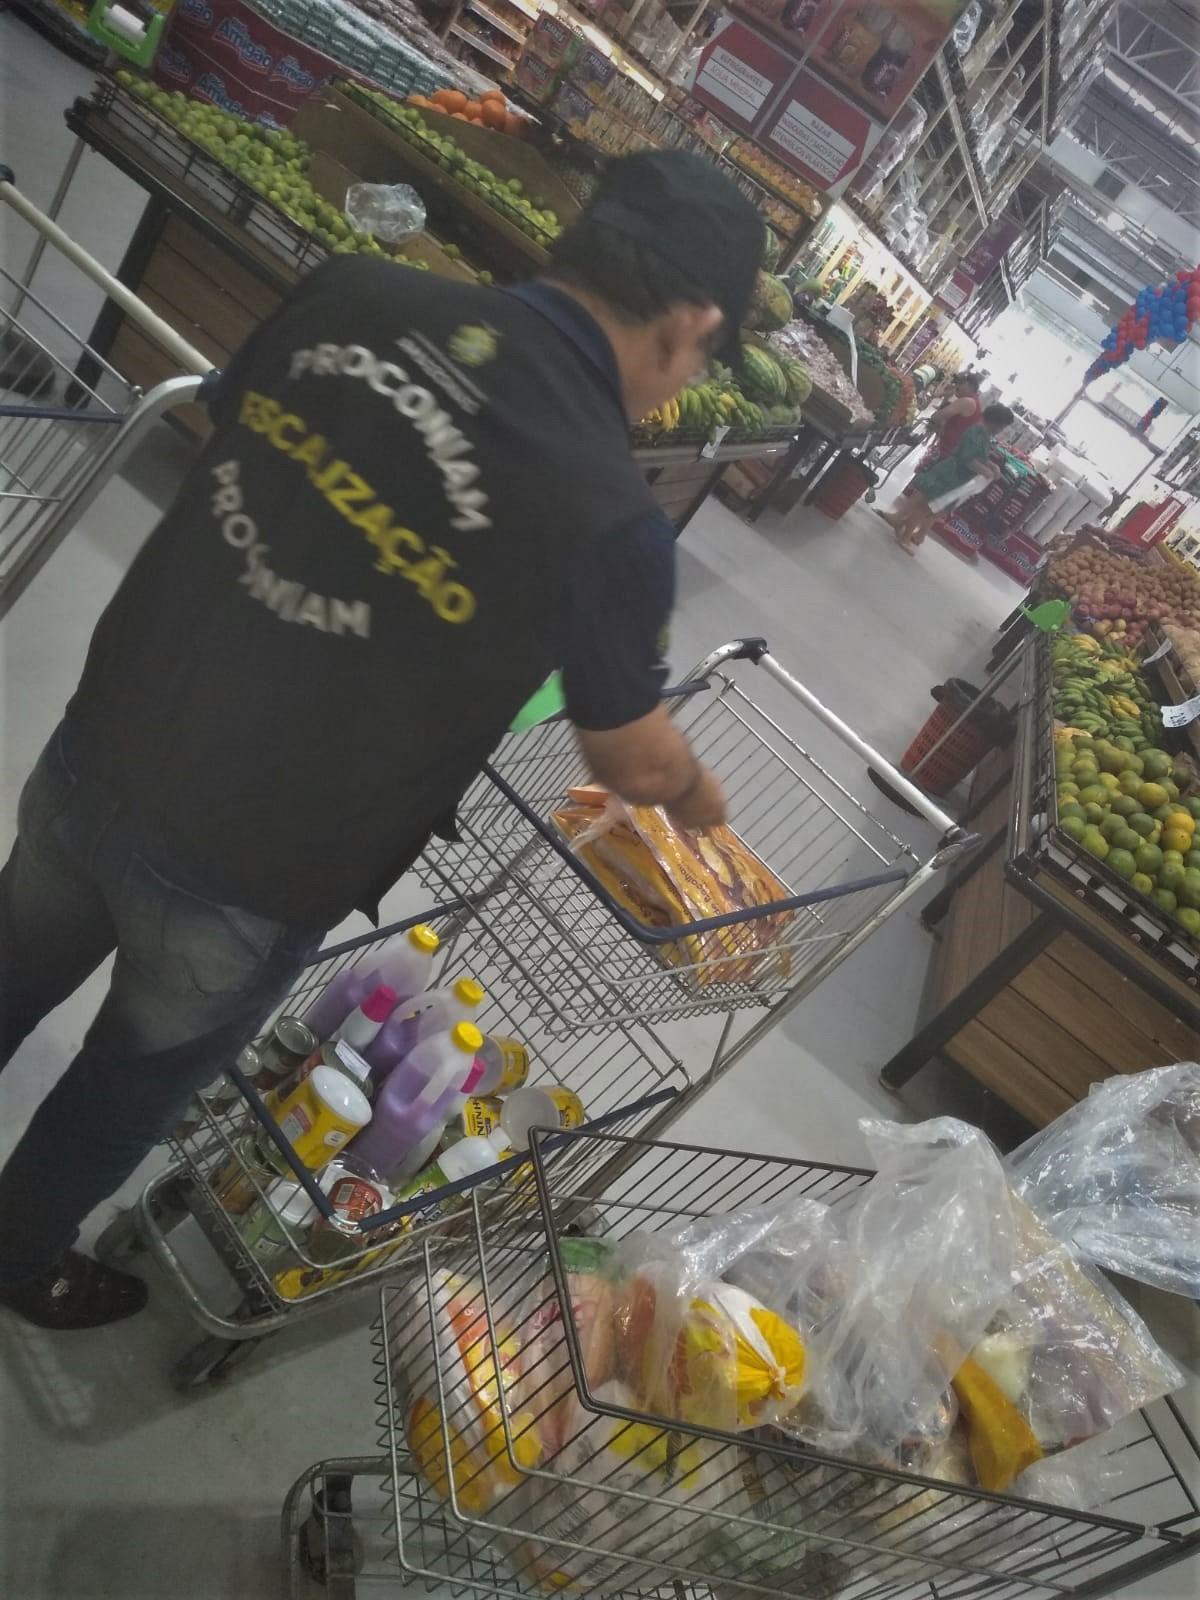 Mais de 40 kg de alimentos irregulares são apreendidos em supermercado no bairro Tarumã, em Manaus - Notícias - Plantão Diário